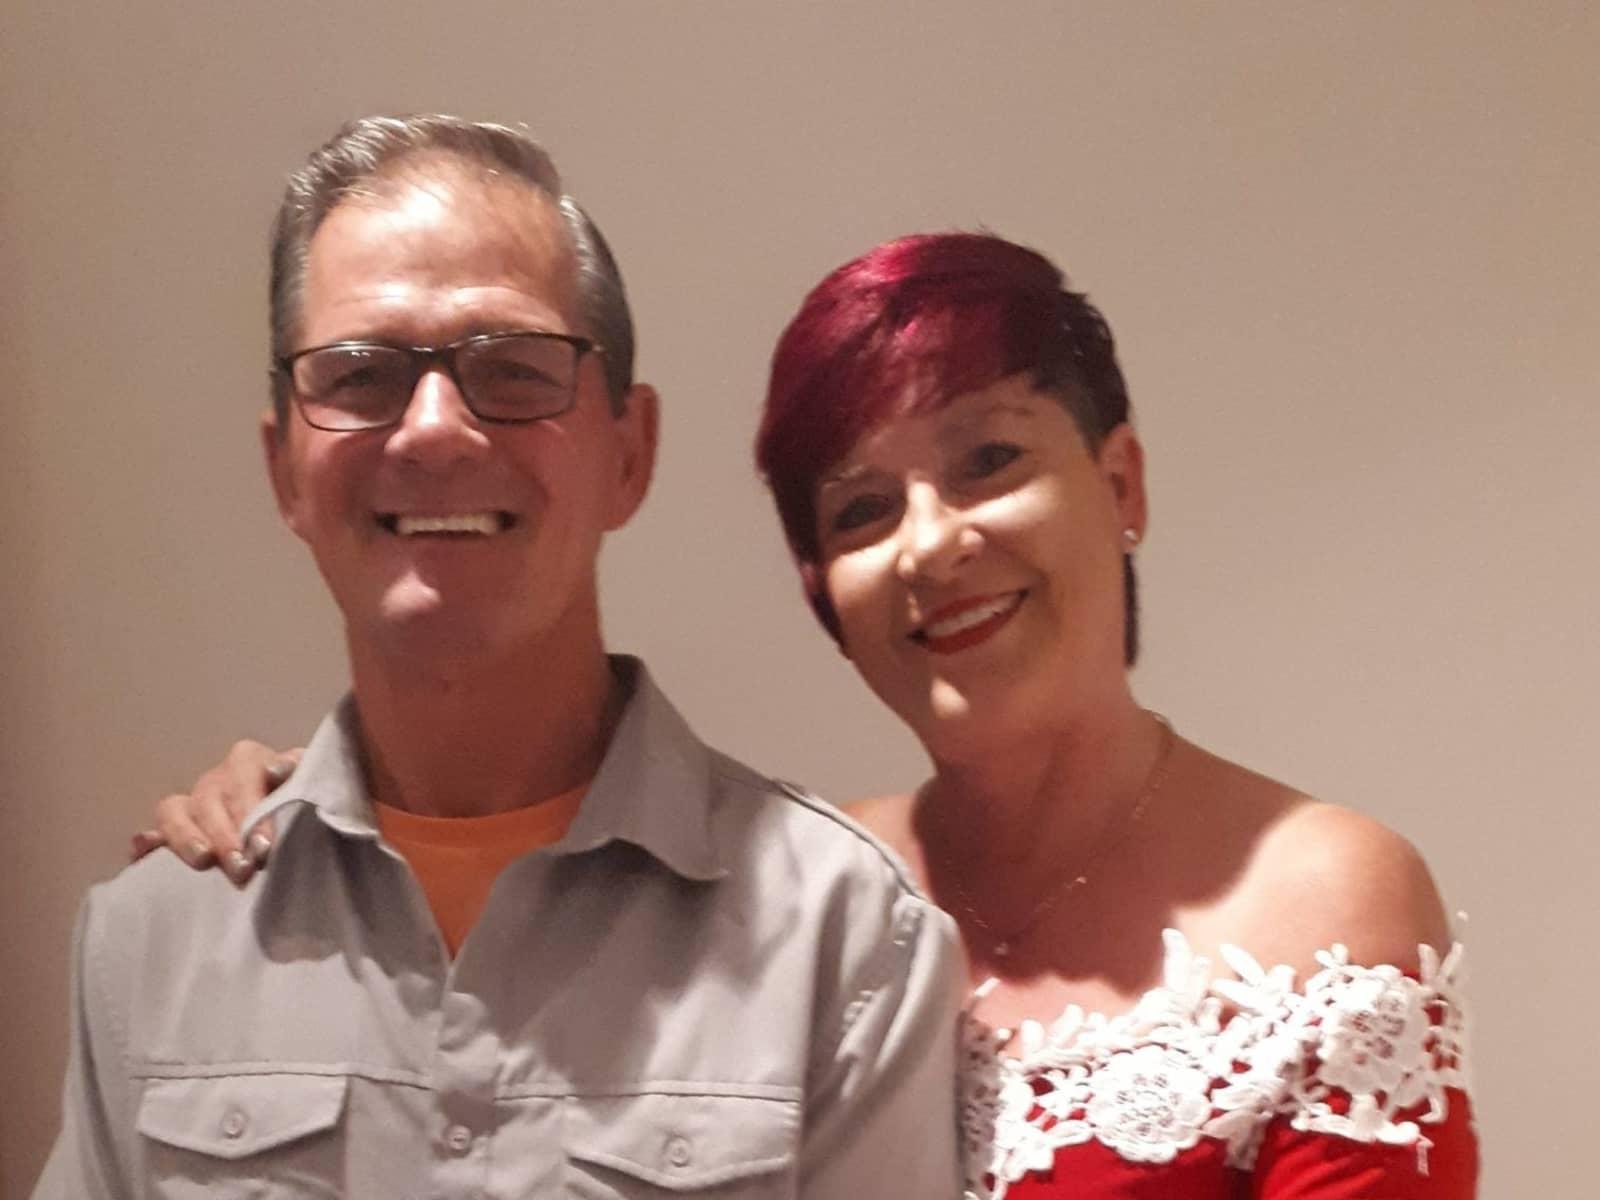 Sally -james & James from Adelaide, South Australia, Australia